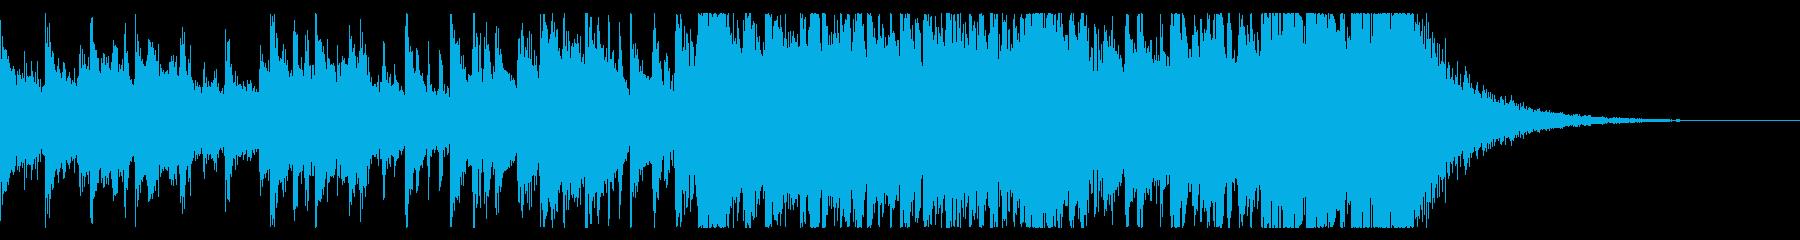 四つ打ちとピアノ☆一瞬で駆け抜ける8小節の再生済みの波形